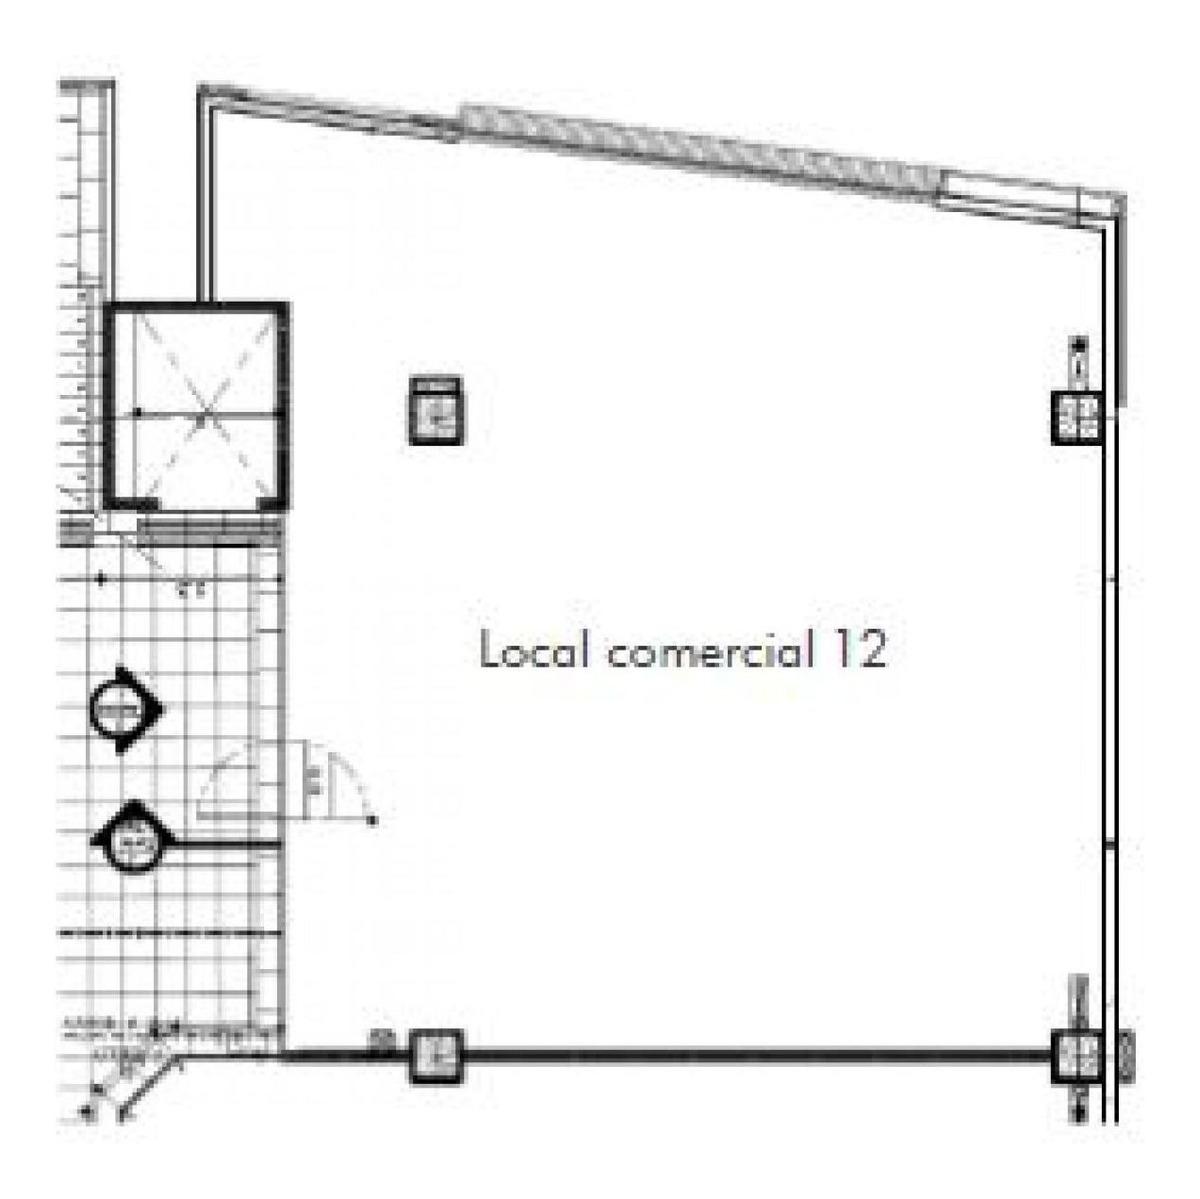 arriendo local comercial - strip center el alba, las condes - 122,4m2